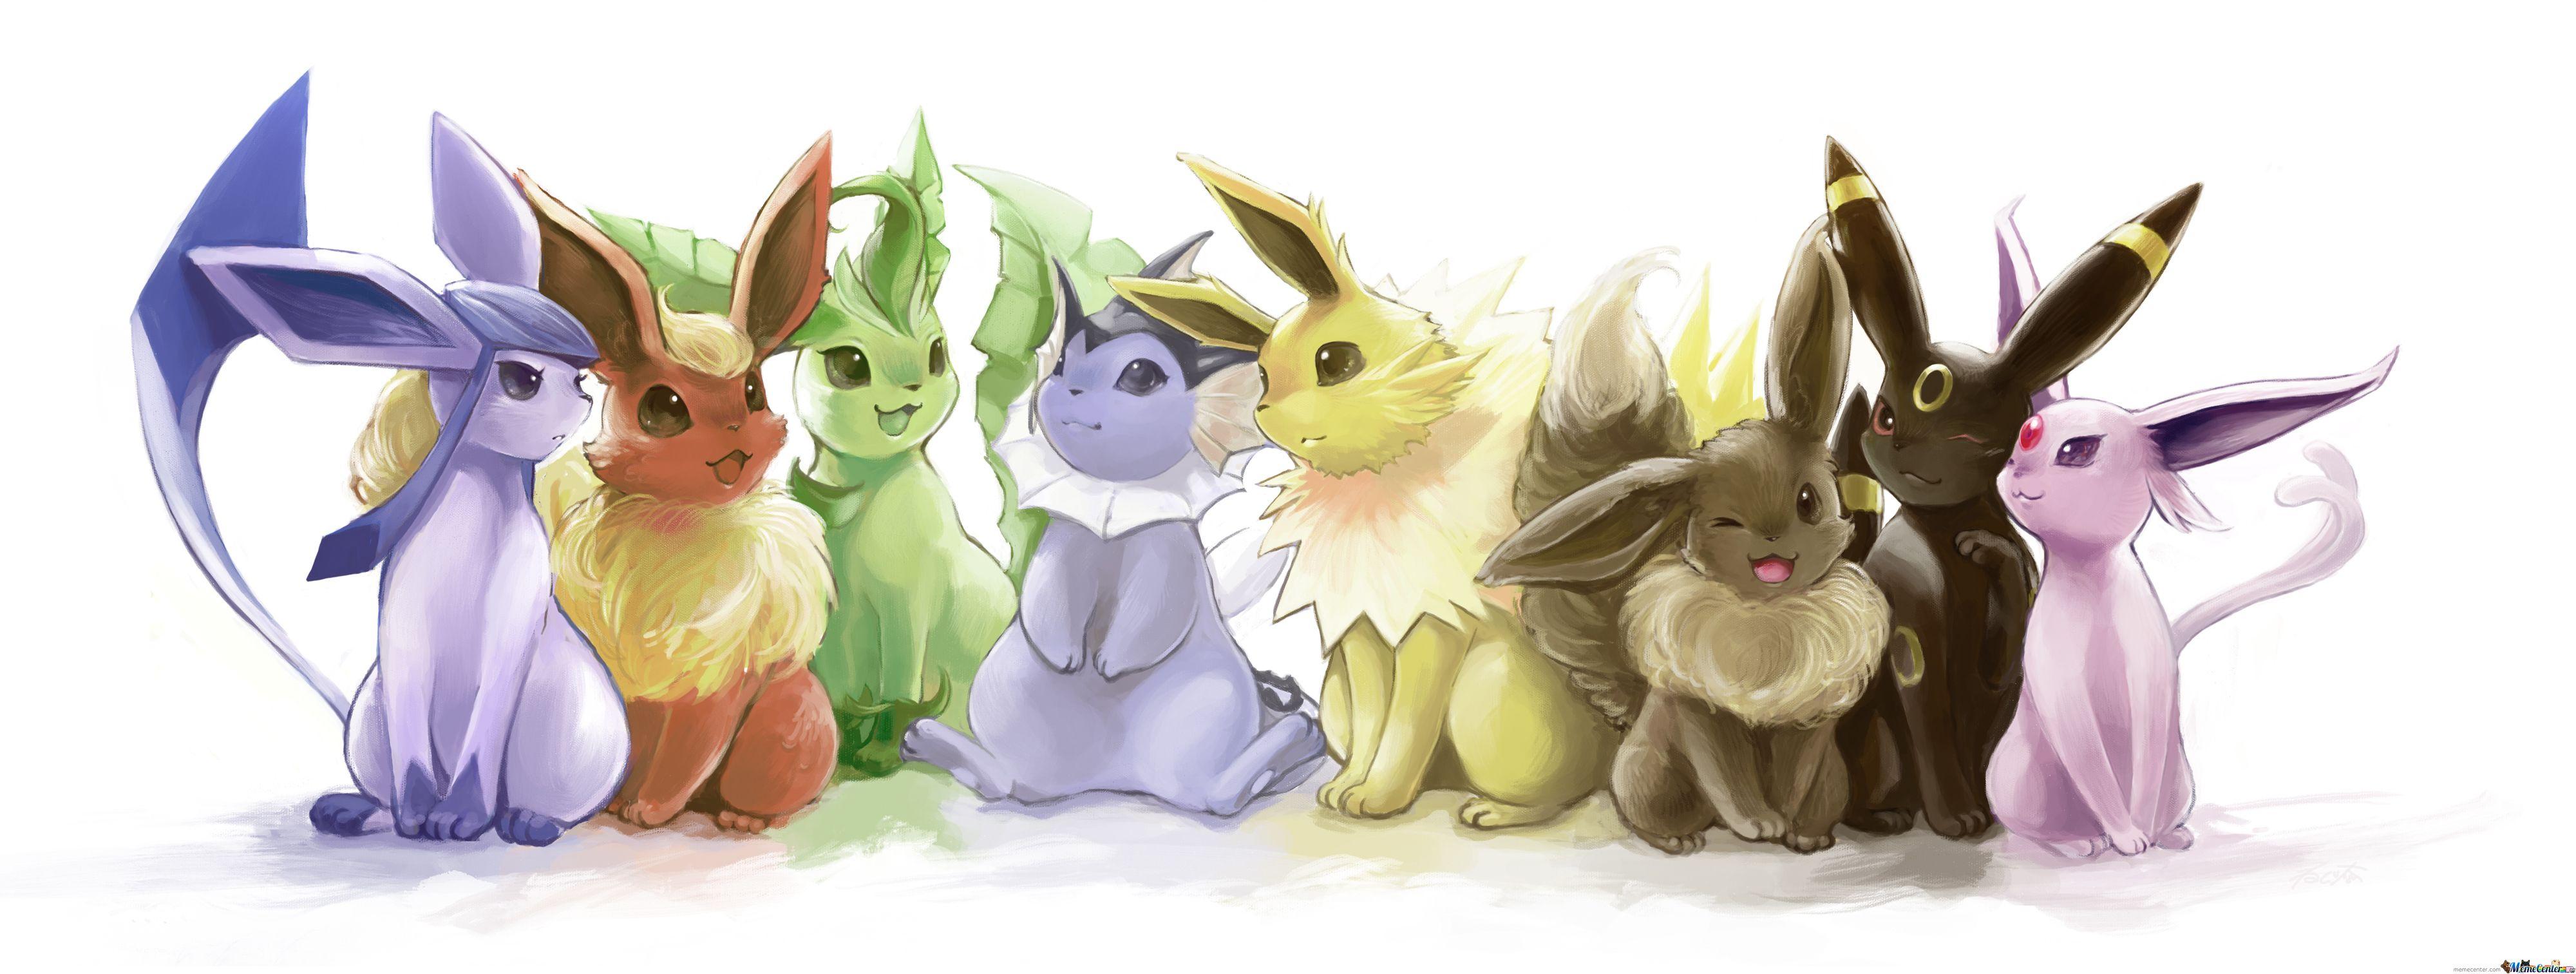 Pin By Maggie Sheehan On Eeveelutions Cute Pokemon Wallpaper Pokemon Eevee Cute Pokemon